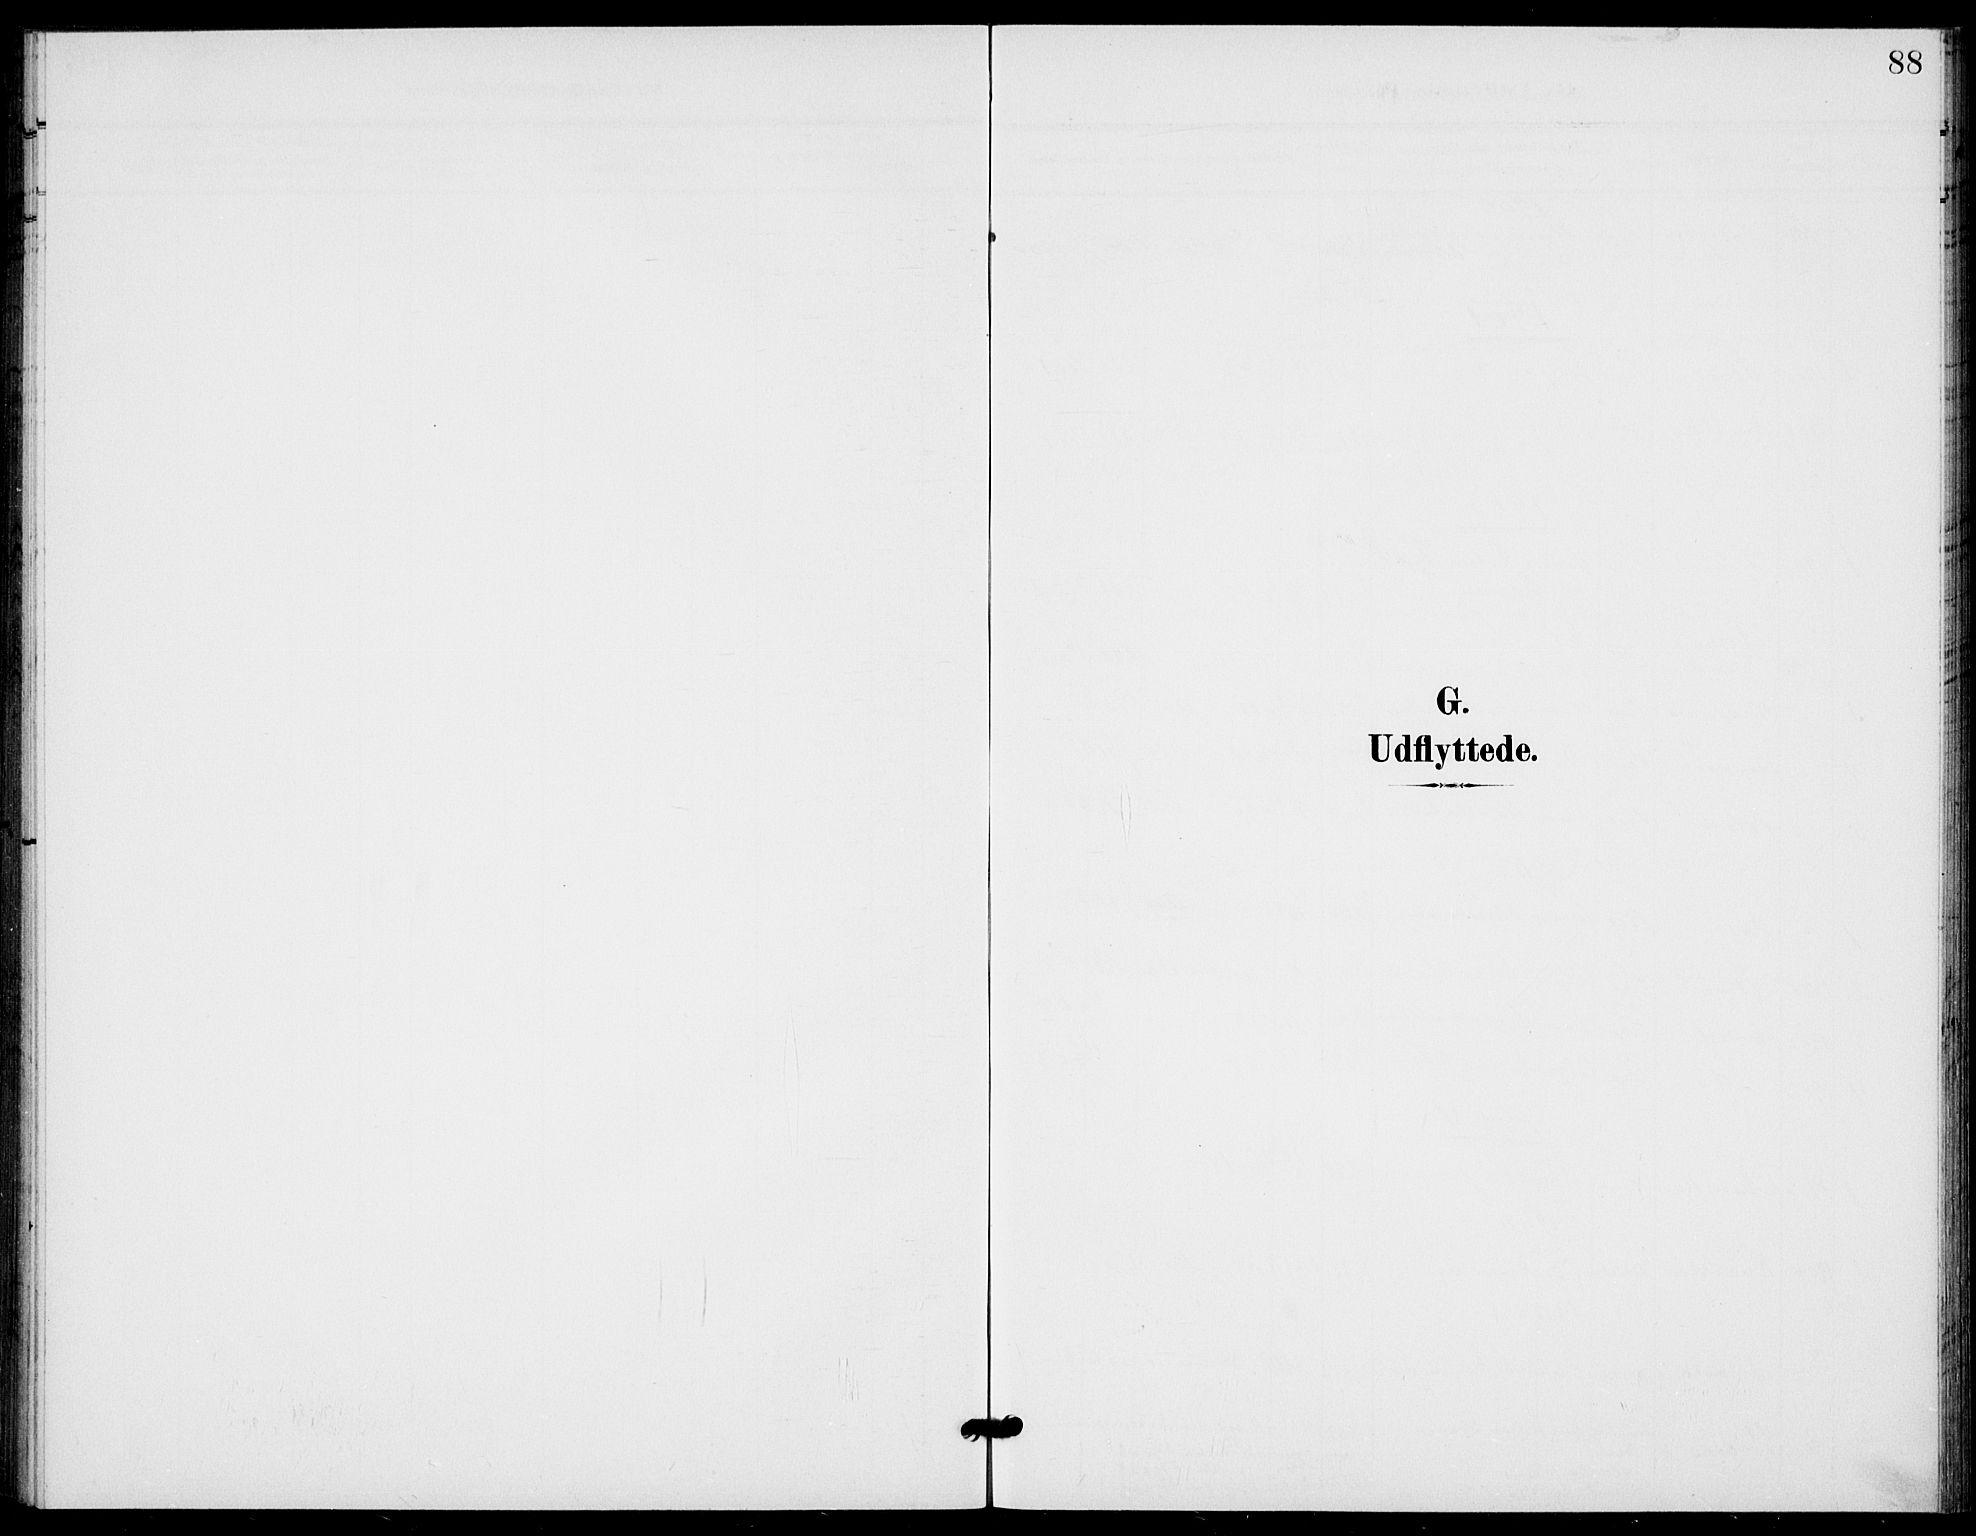 SAKO, Bamble kirkebøker, G/Gb/L0002: Klokkerbok nr. II 2, 1900-1925, s. 88